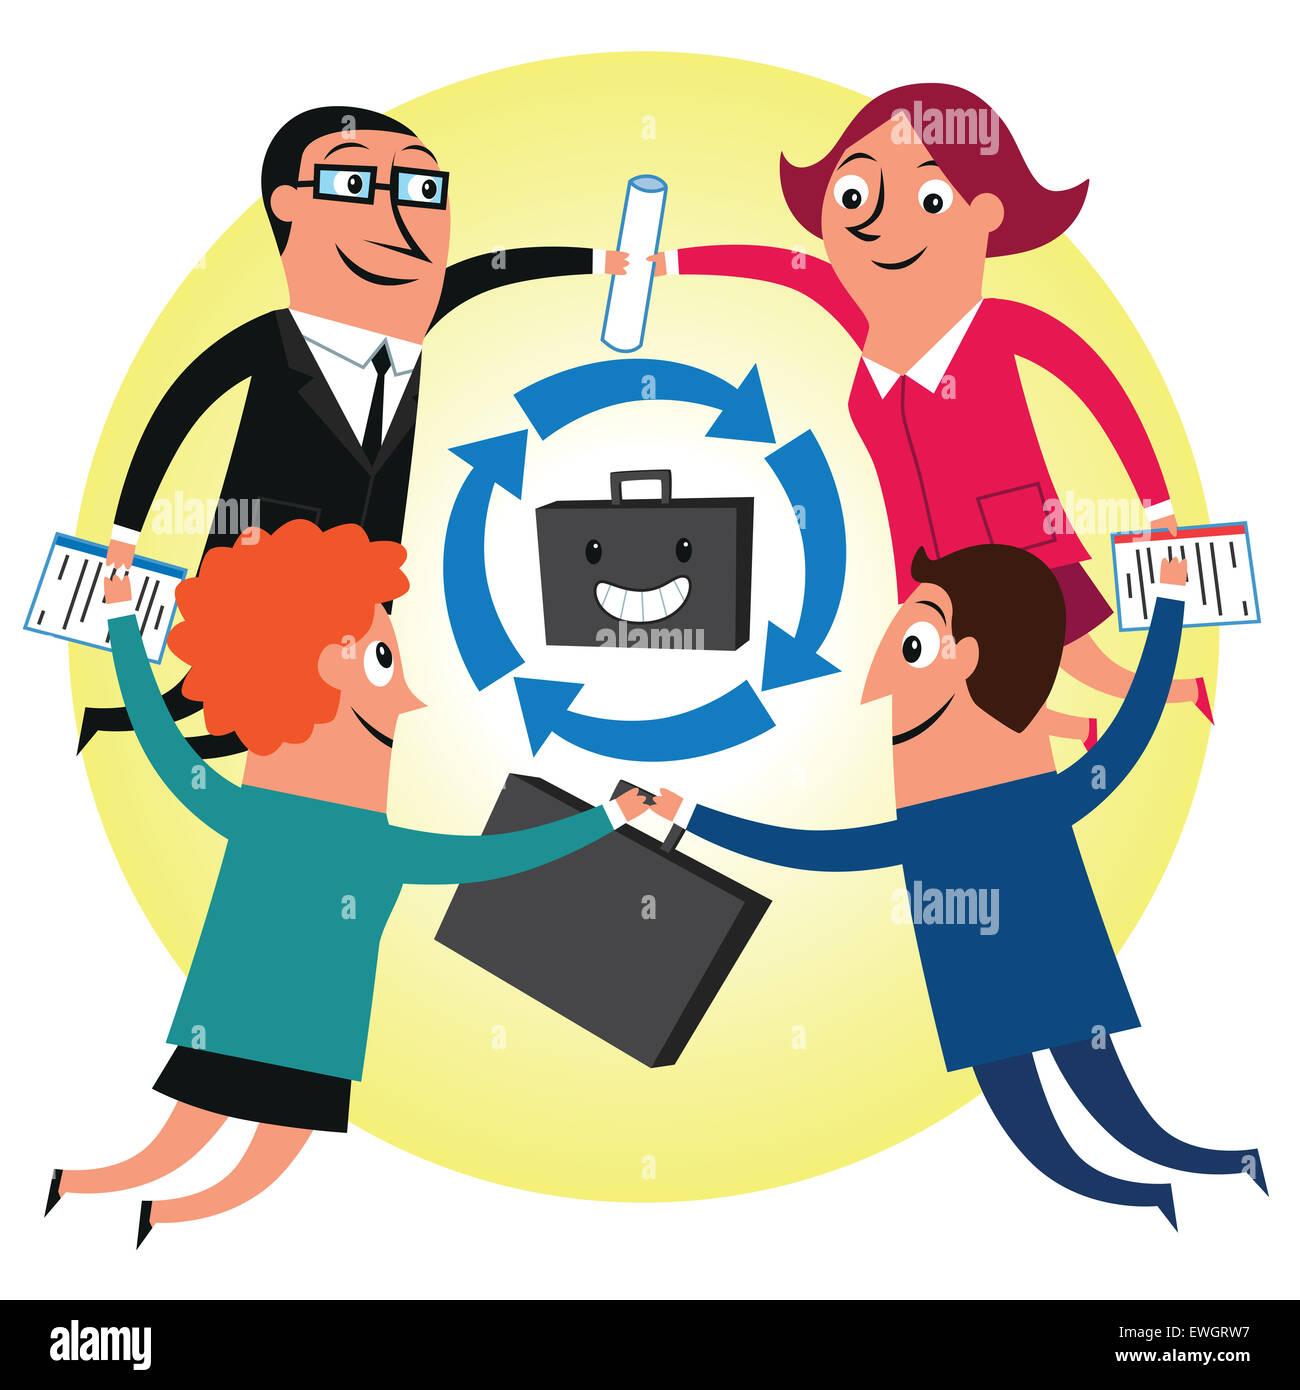 La gente de negocios que muestra el espíritu de trabajo en equipo Imagen De Stock